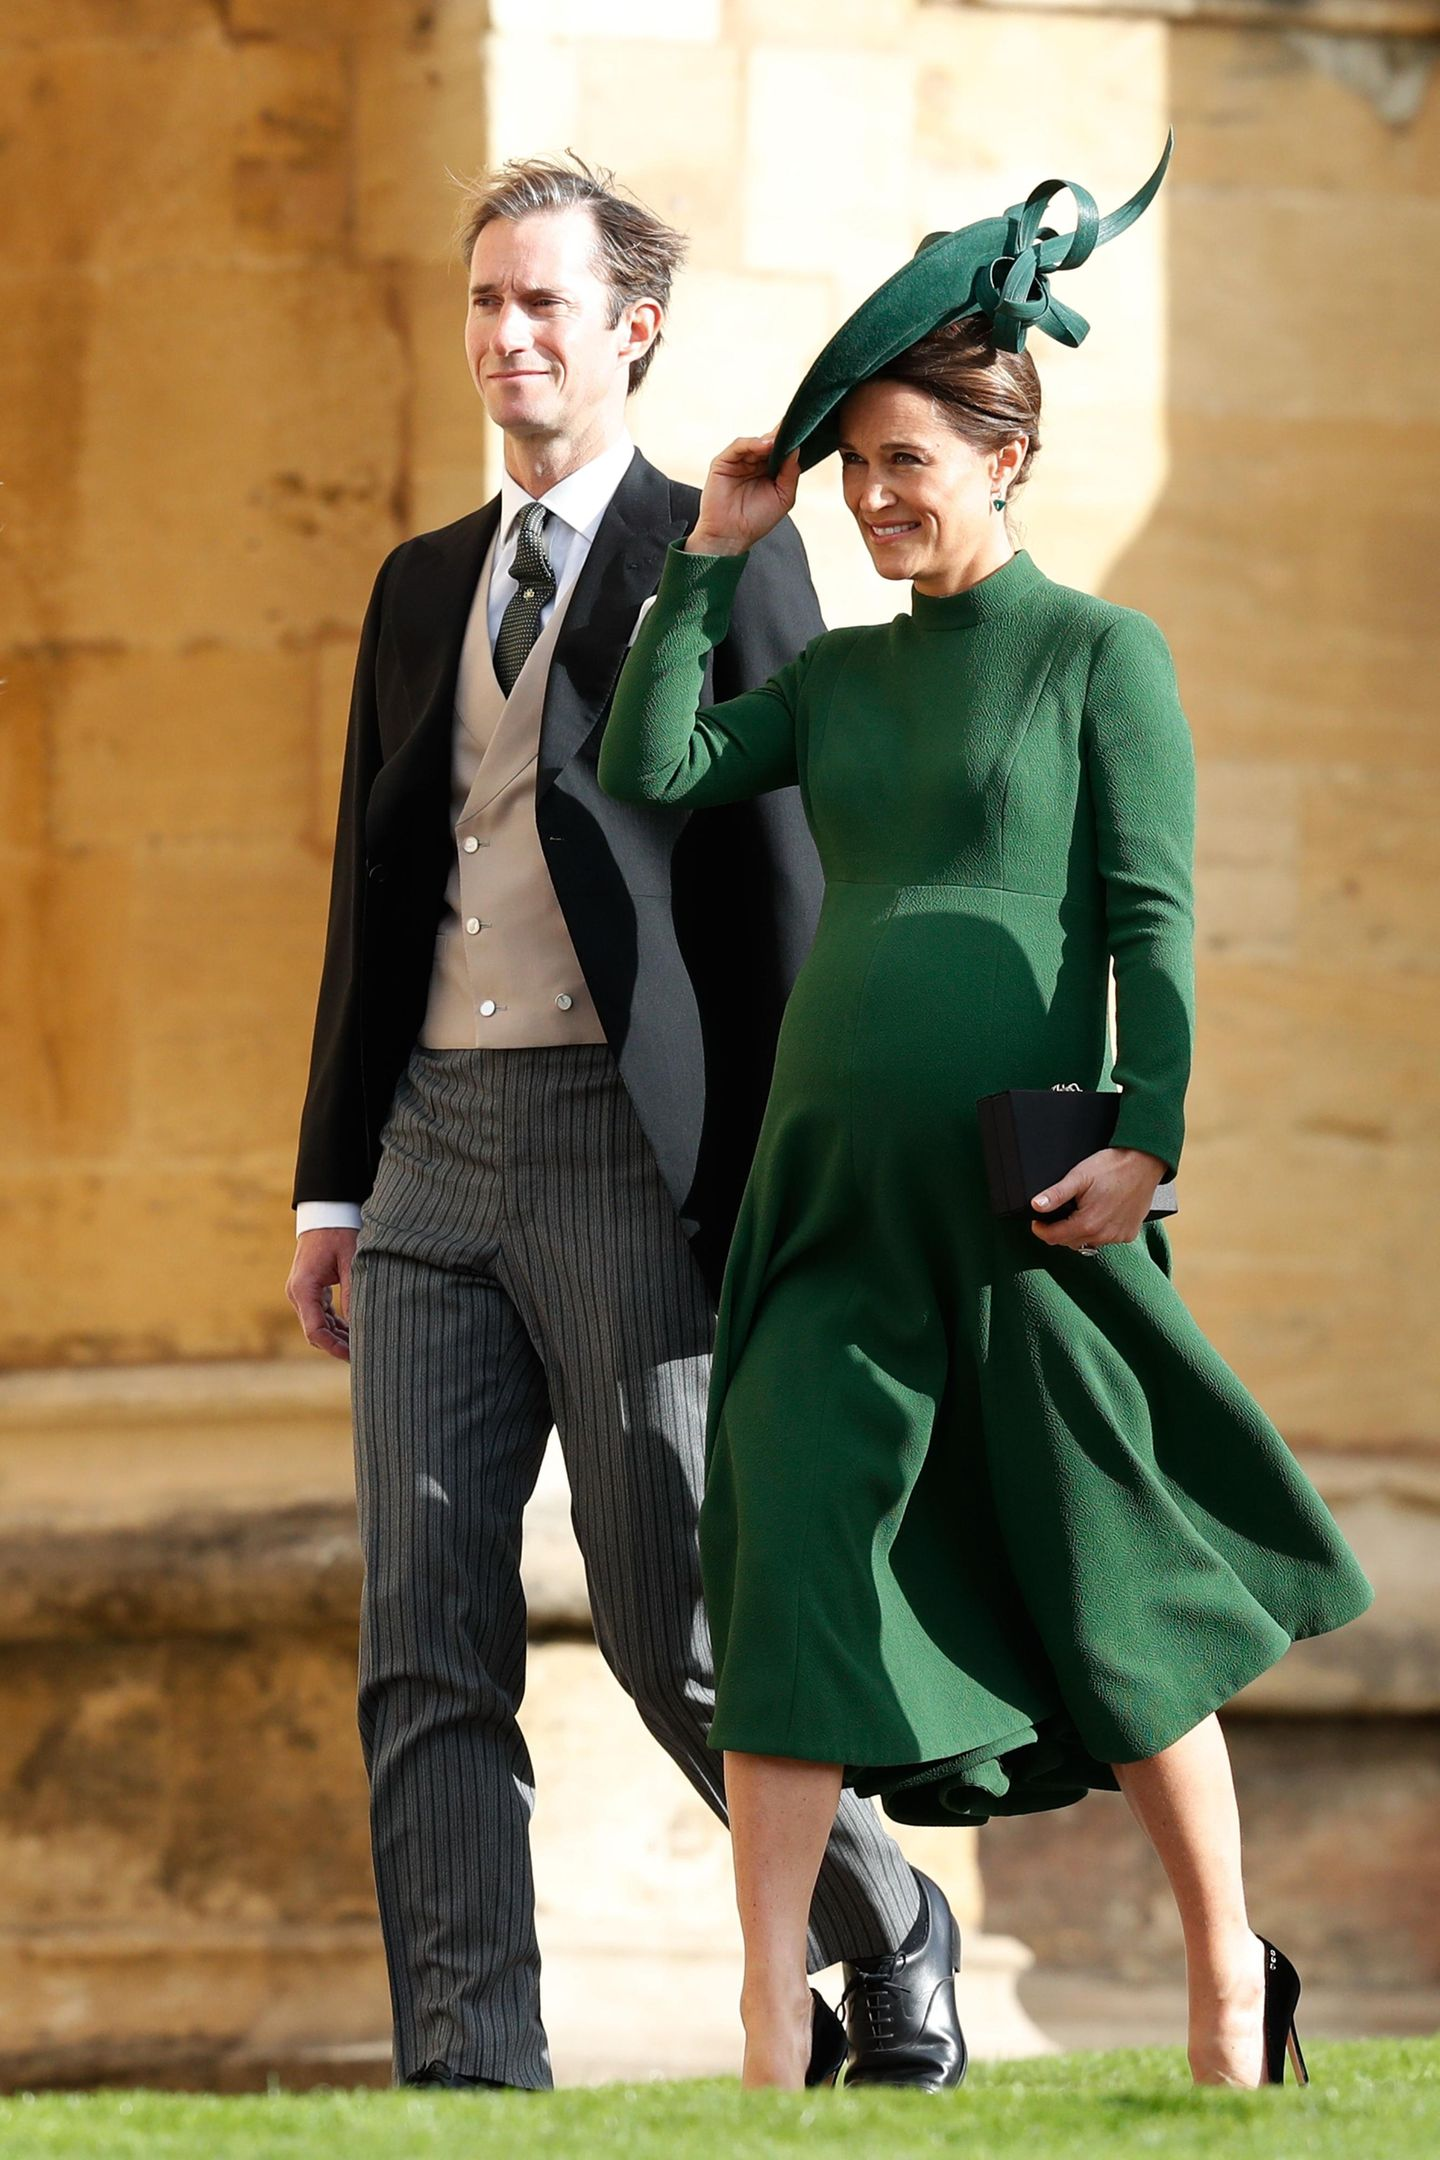 Prinzessin Eugenie heiratet: Die hochschwangere Pippa Middleton und ihr Ehemann James Matthews